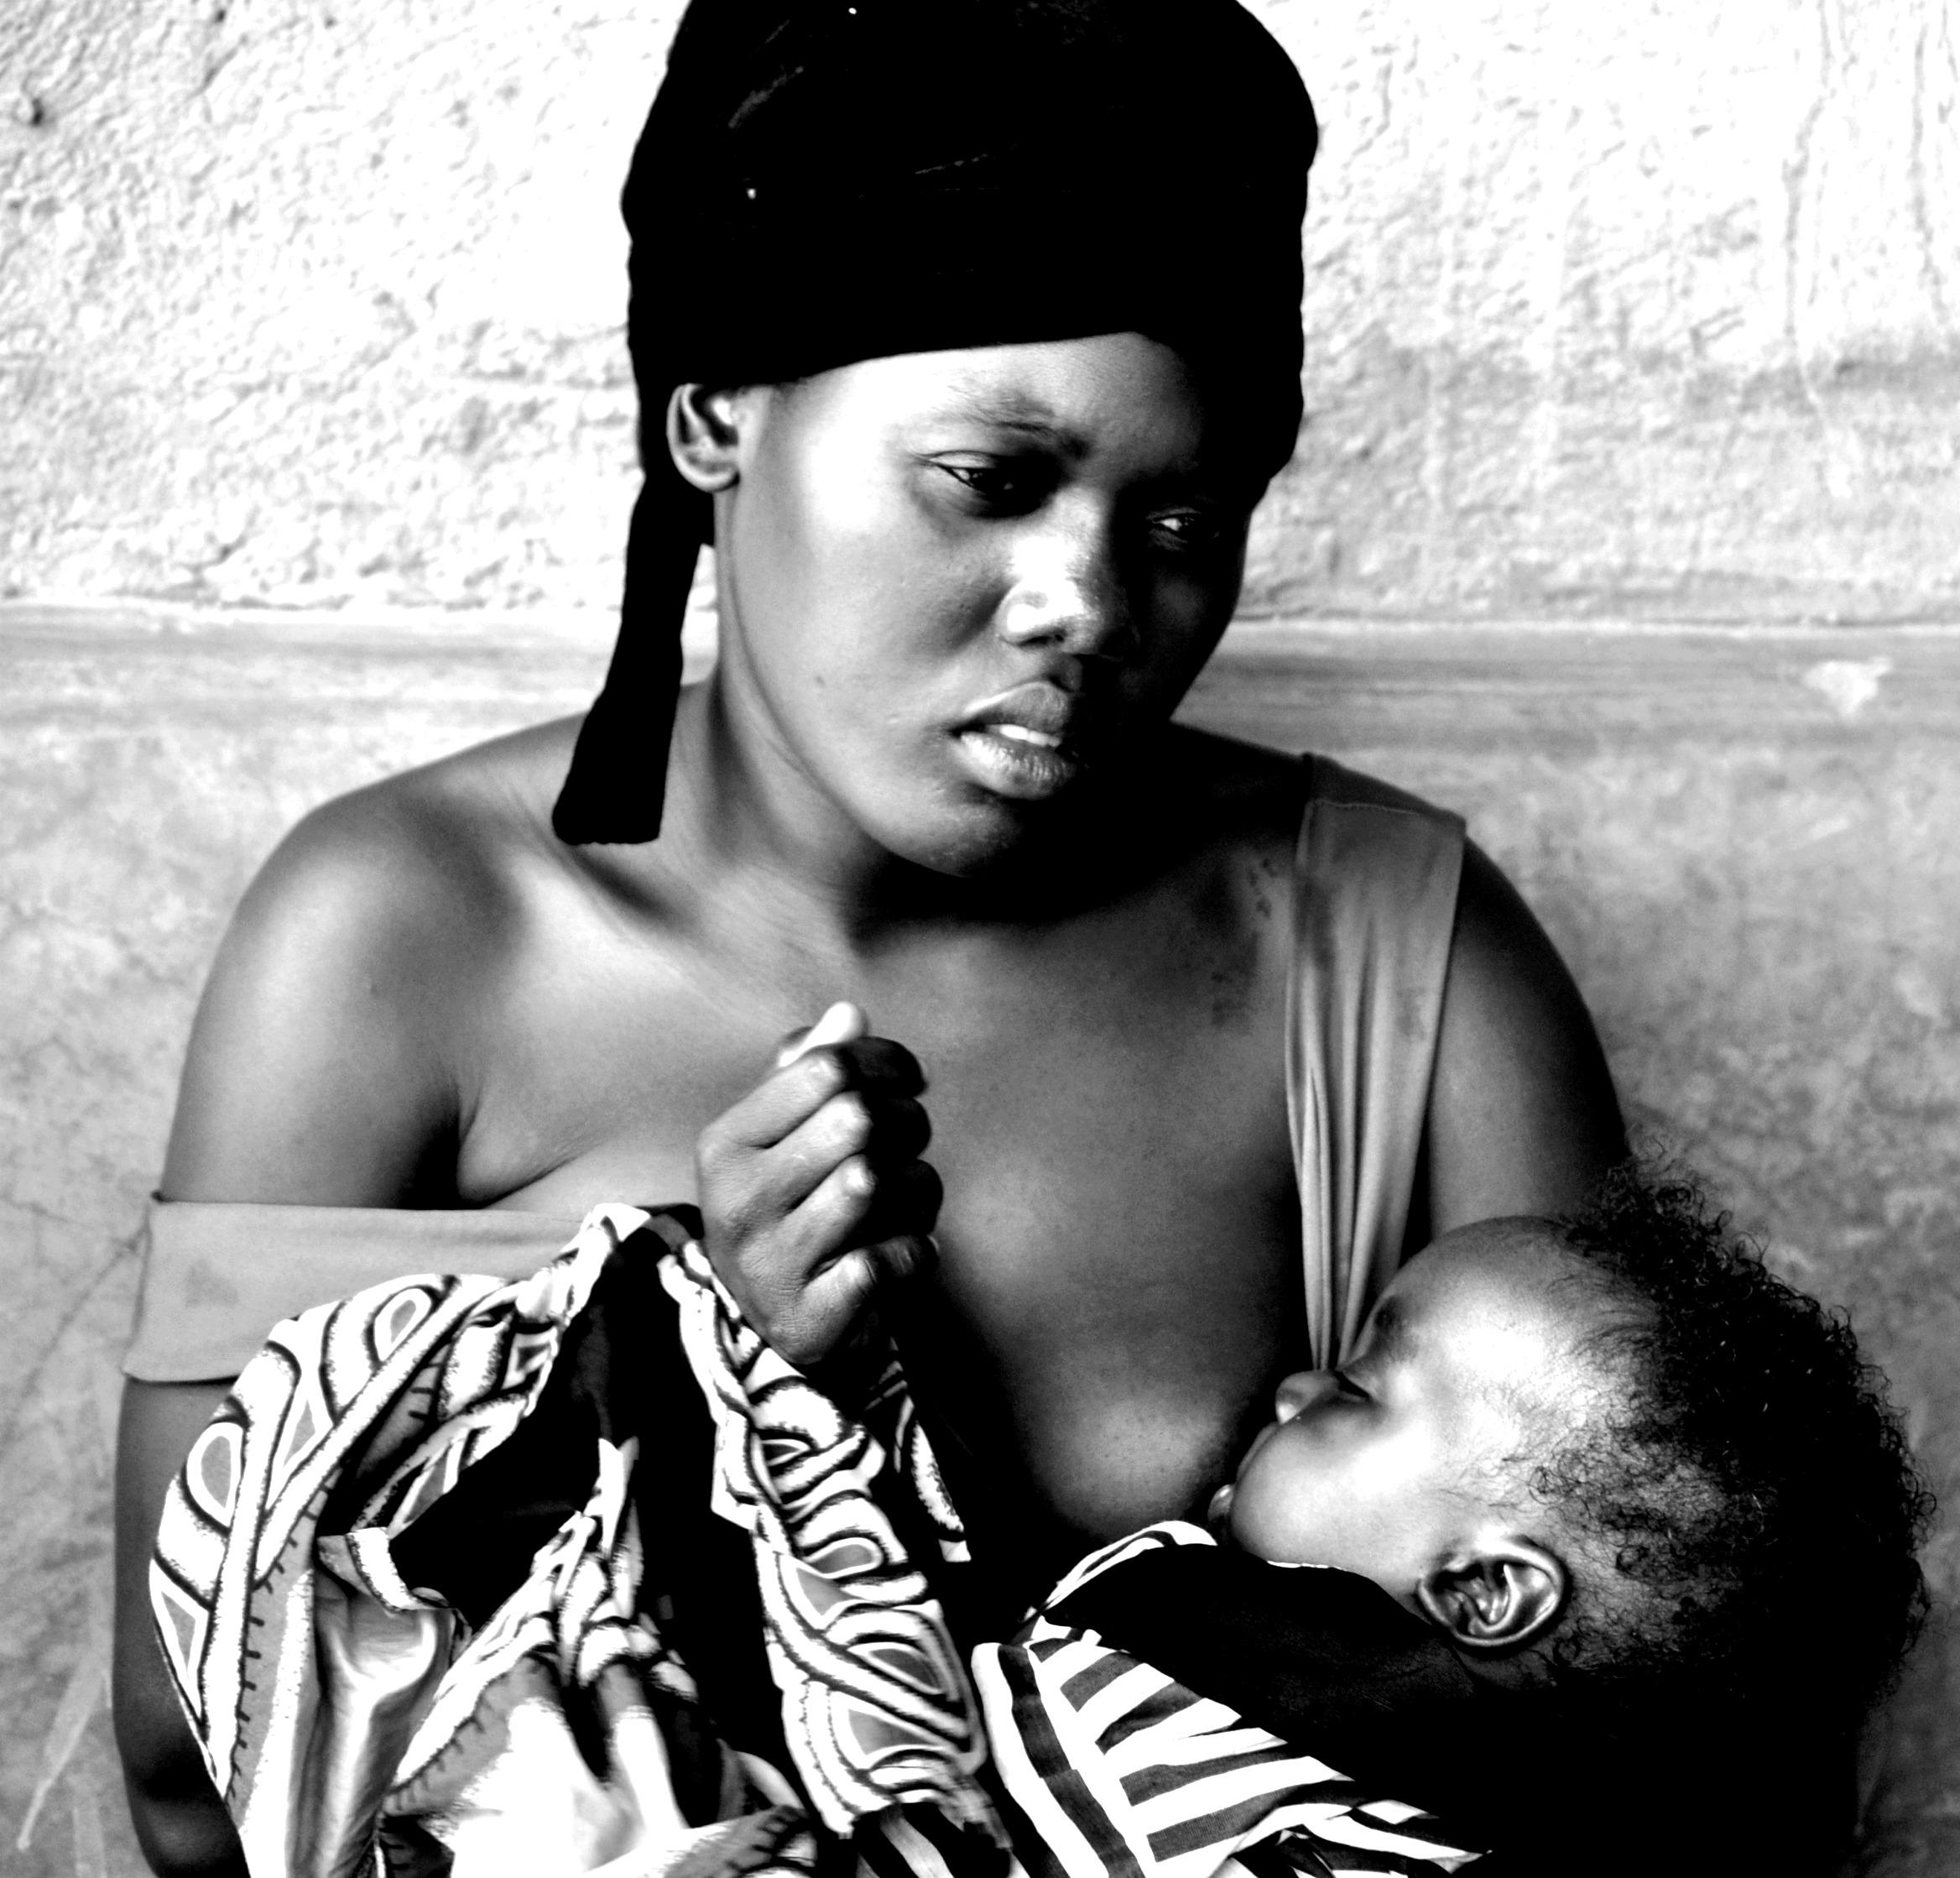 Β.Ουγκάντα 7 χρόνια μετά: Τα παιδιά που έζησαν τη φρίκη του πολέμου